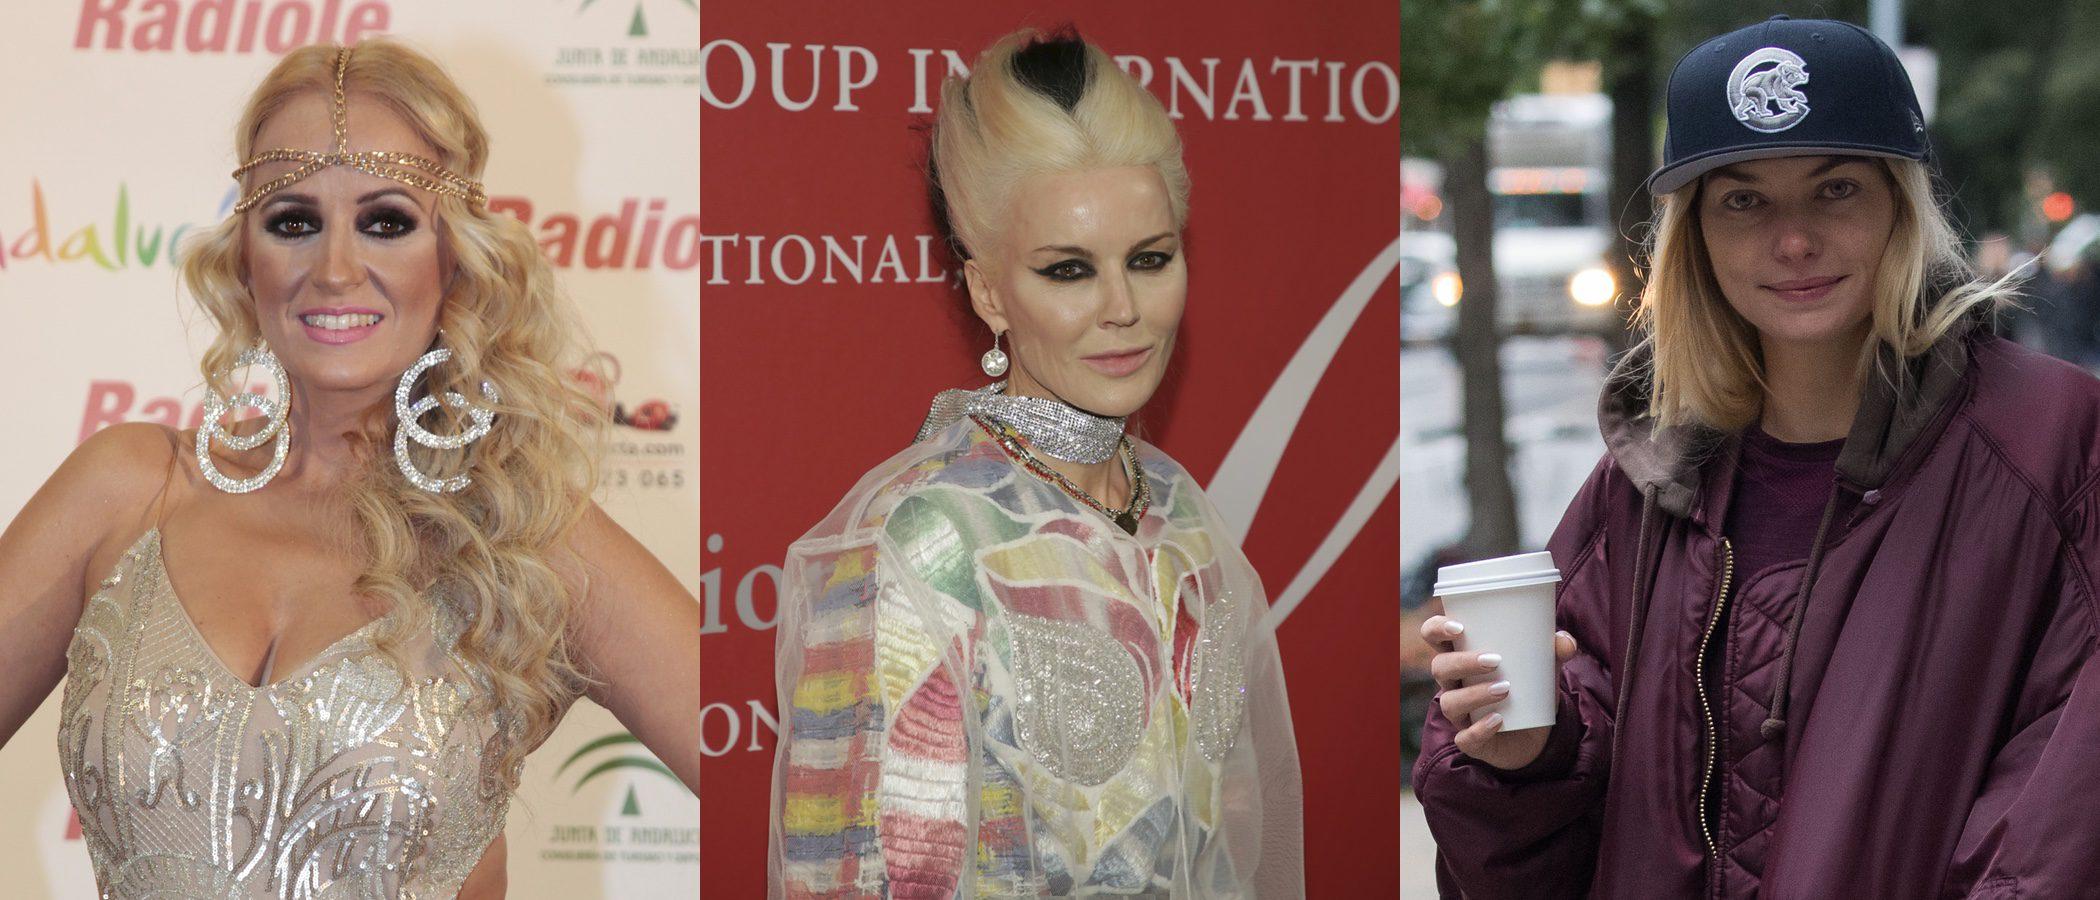 La Húngara, Daphne Guinnes y Jessica Hart con los peores beauty looks de la semana